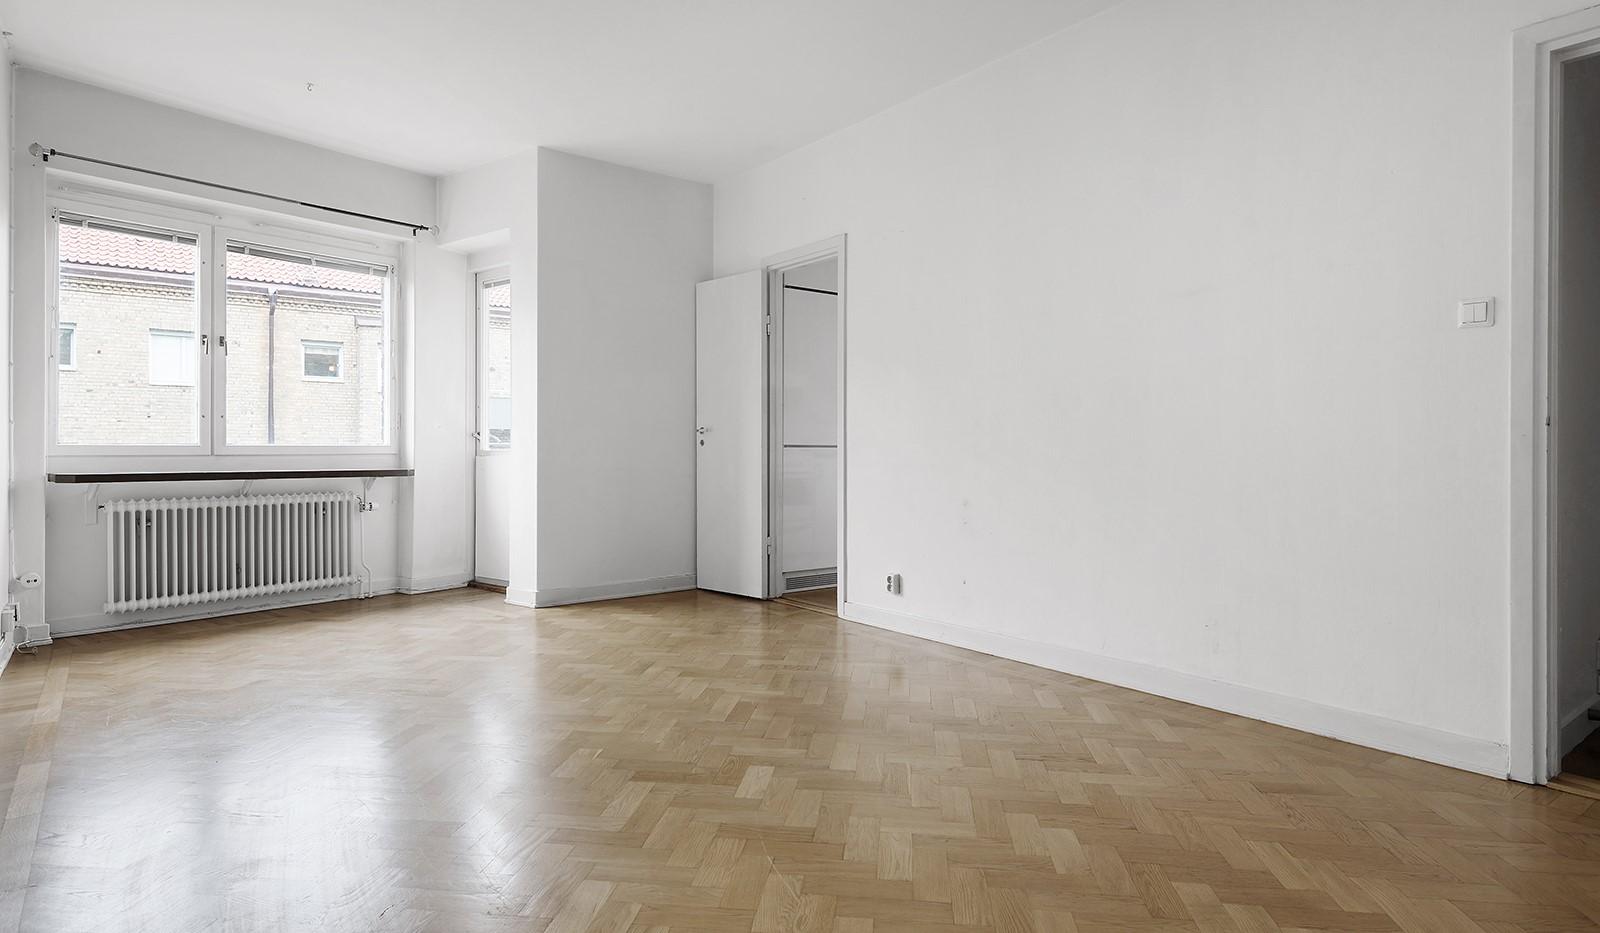 Wennerbergsgatan 6B, 5 tr - Rymligt vardagsrum med plats för matbord